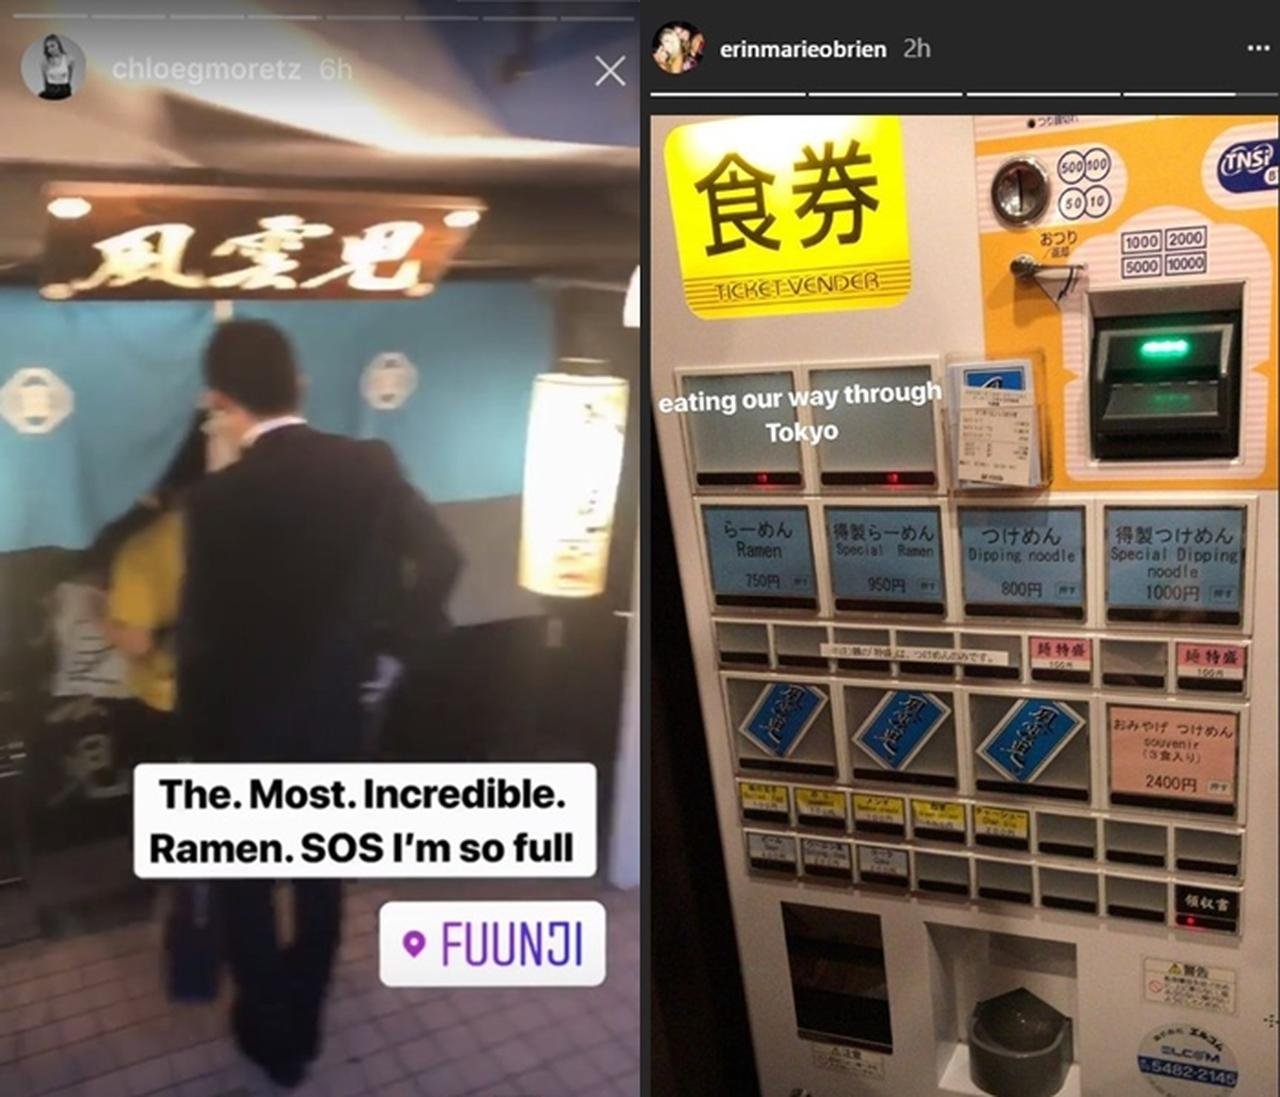 画像: のれんを撮影。食券機にも海外には無いものなので、めずらしかったよう。右写真は同行したスタッフが公開したもの。©Chloe Moretz, Erin Marie Obrien/instagram